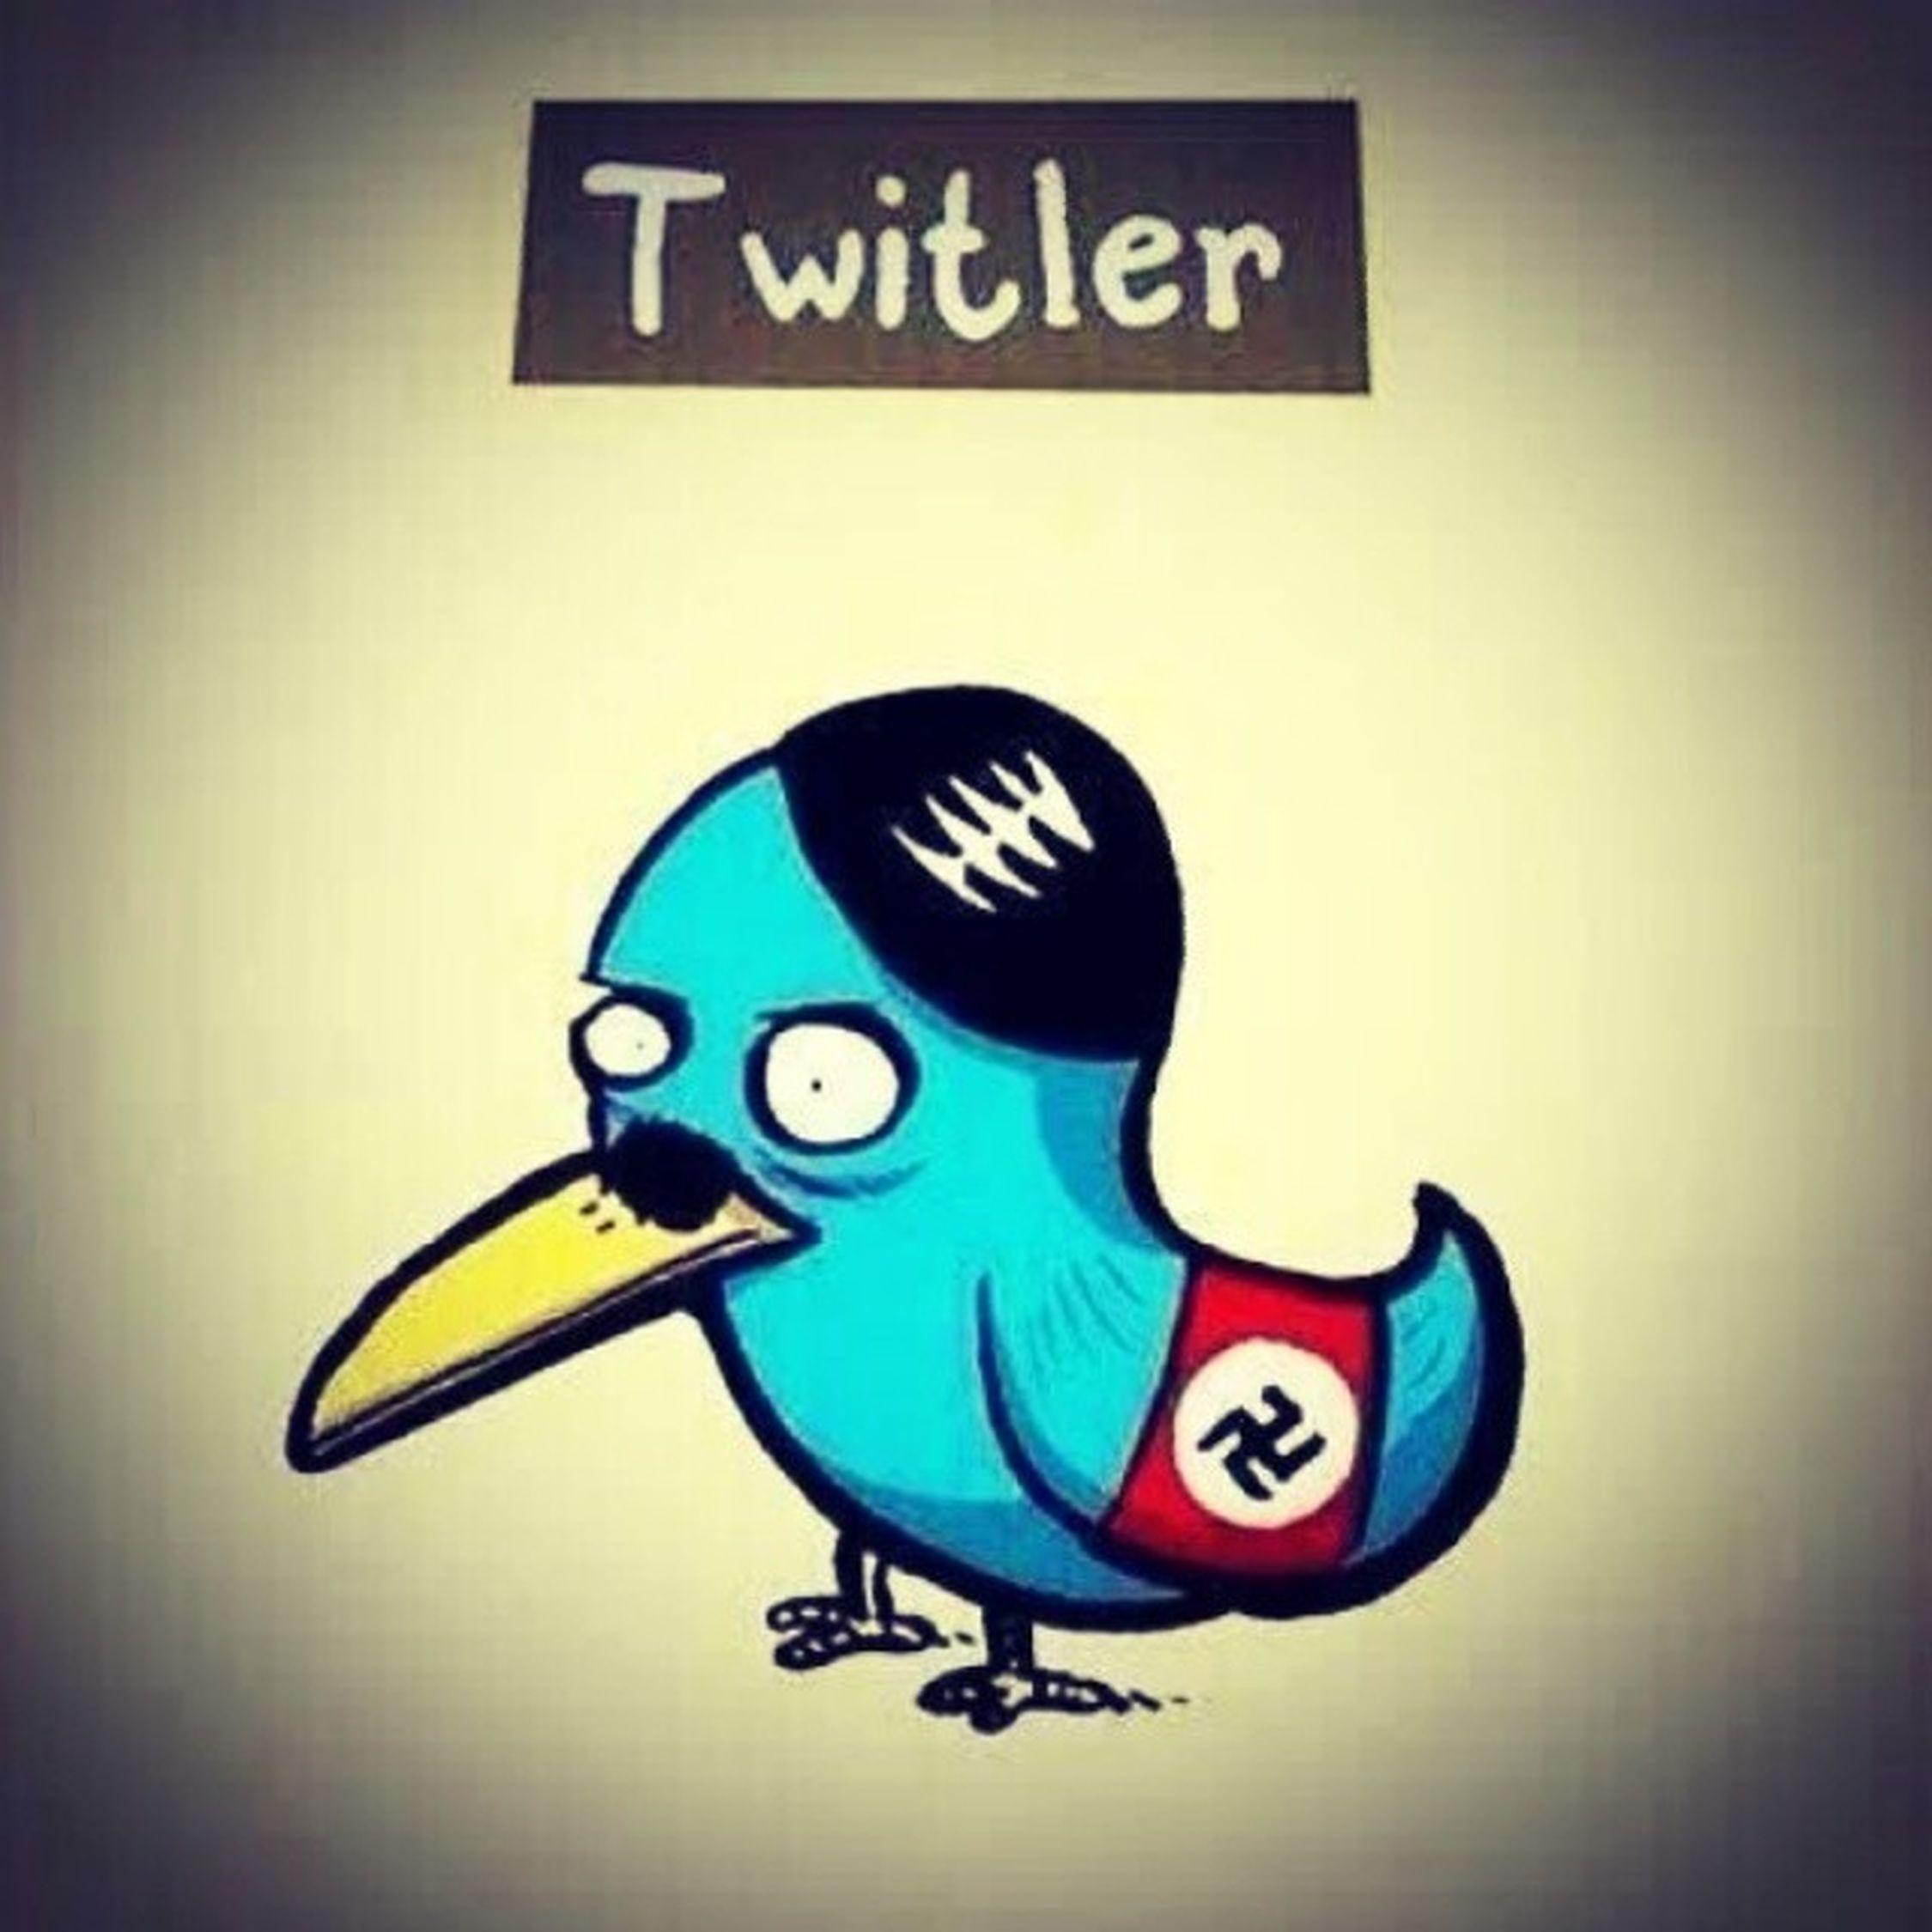 Turkeyblockedtwitter Twitter DirenTwitter Diktatortayyip DNSyiDeğilHükümetiDeğiştir Hükümetİstifa DirenTürkiye Oyver